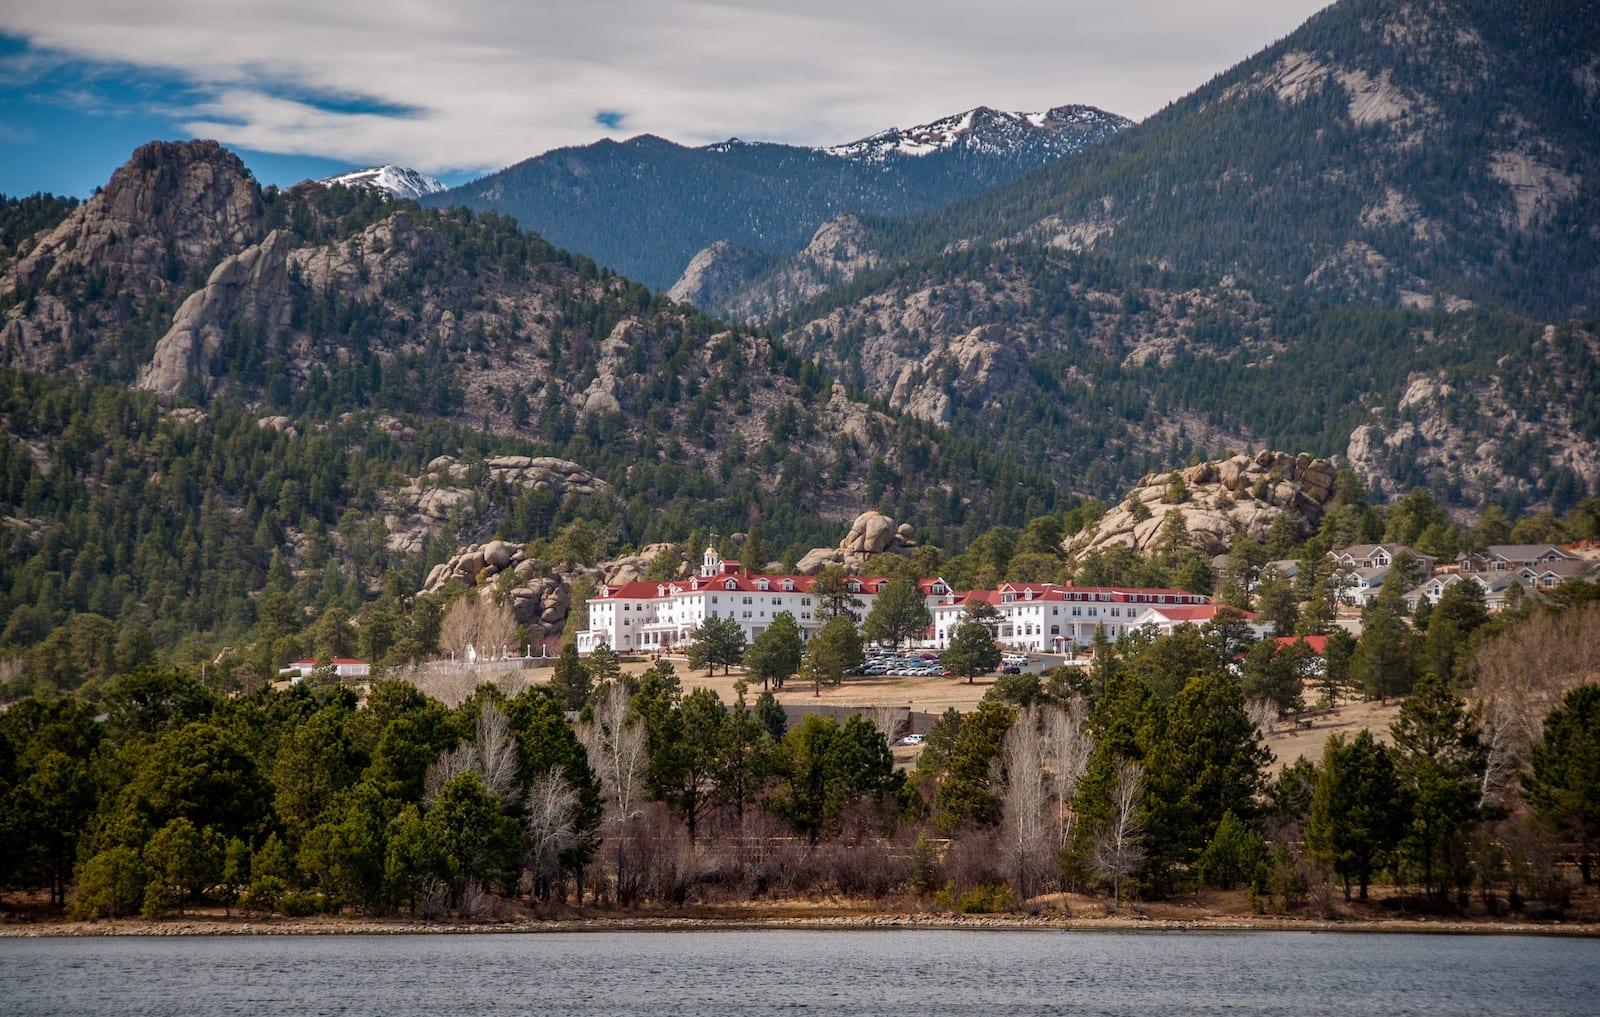 Stanley Hotel Lake Estes Colorado